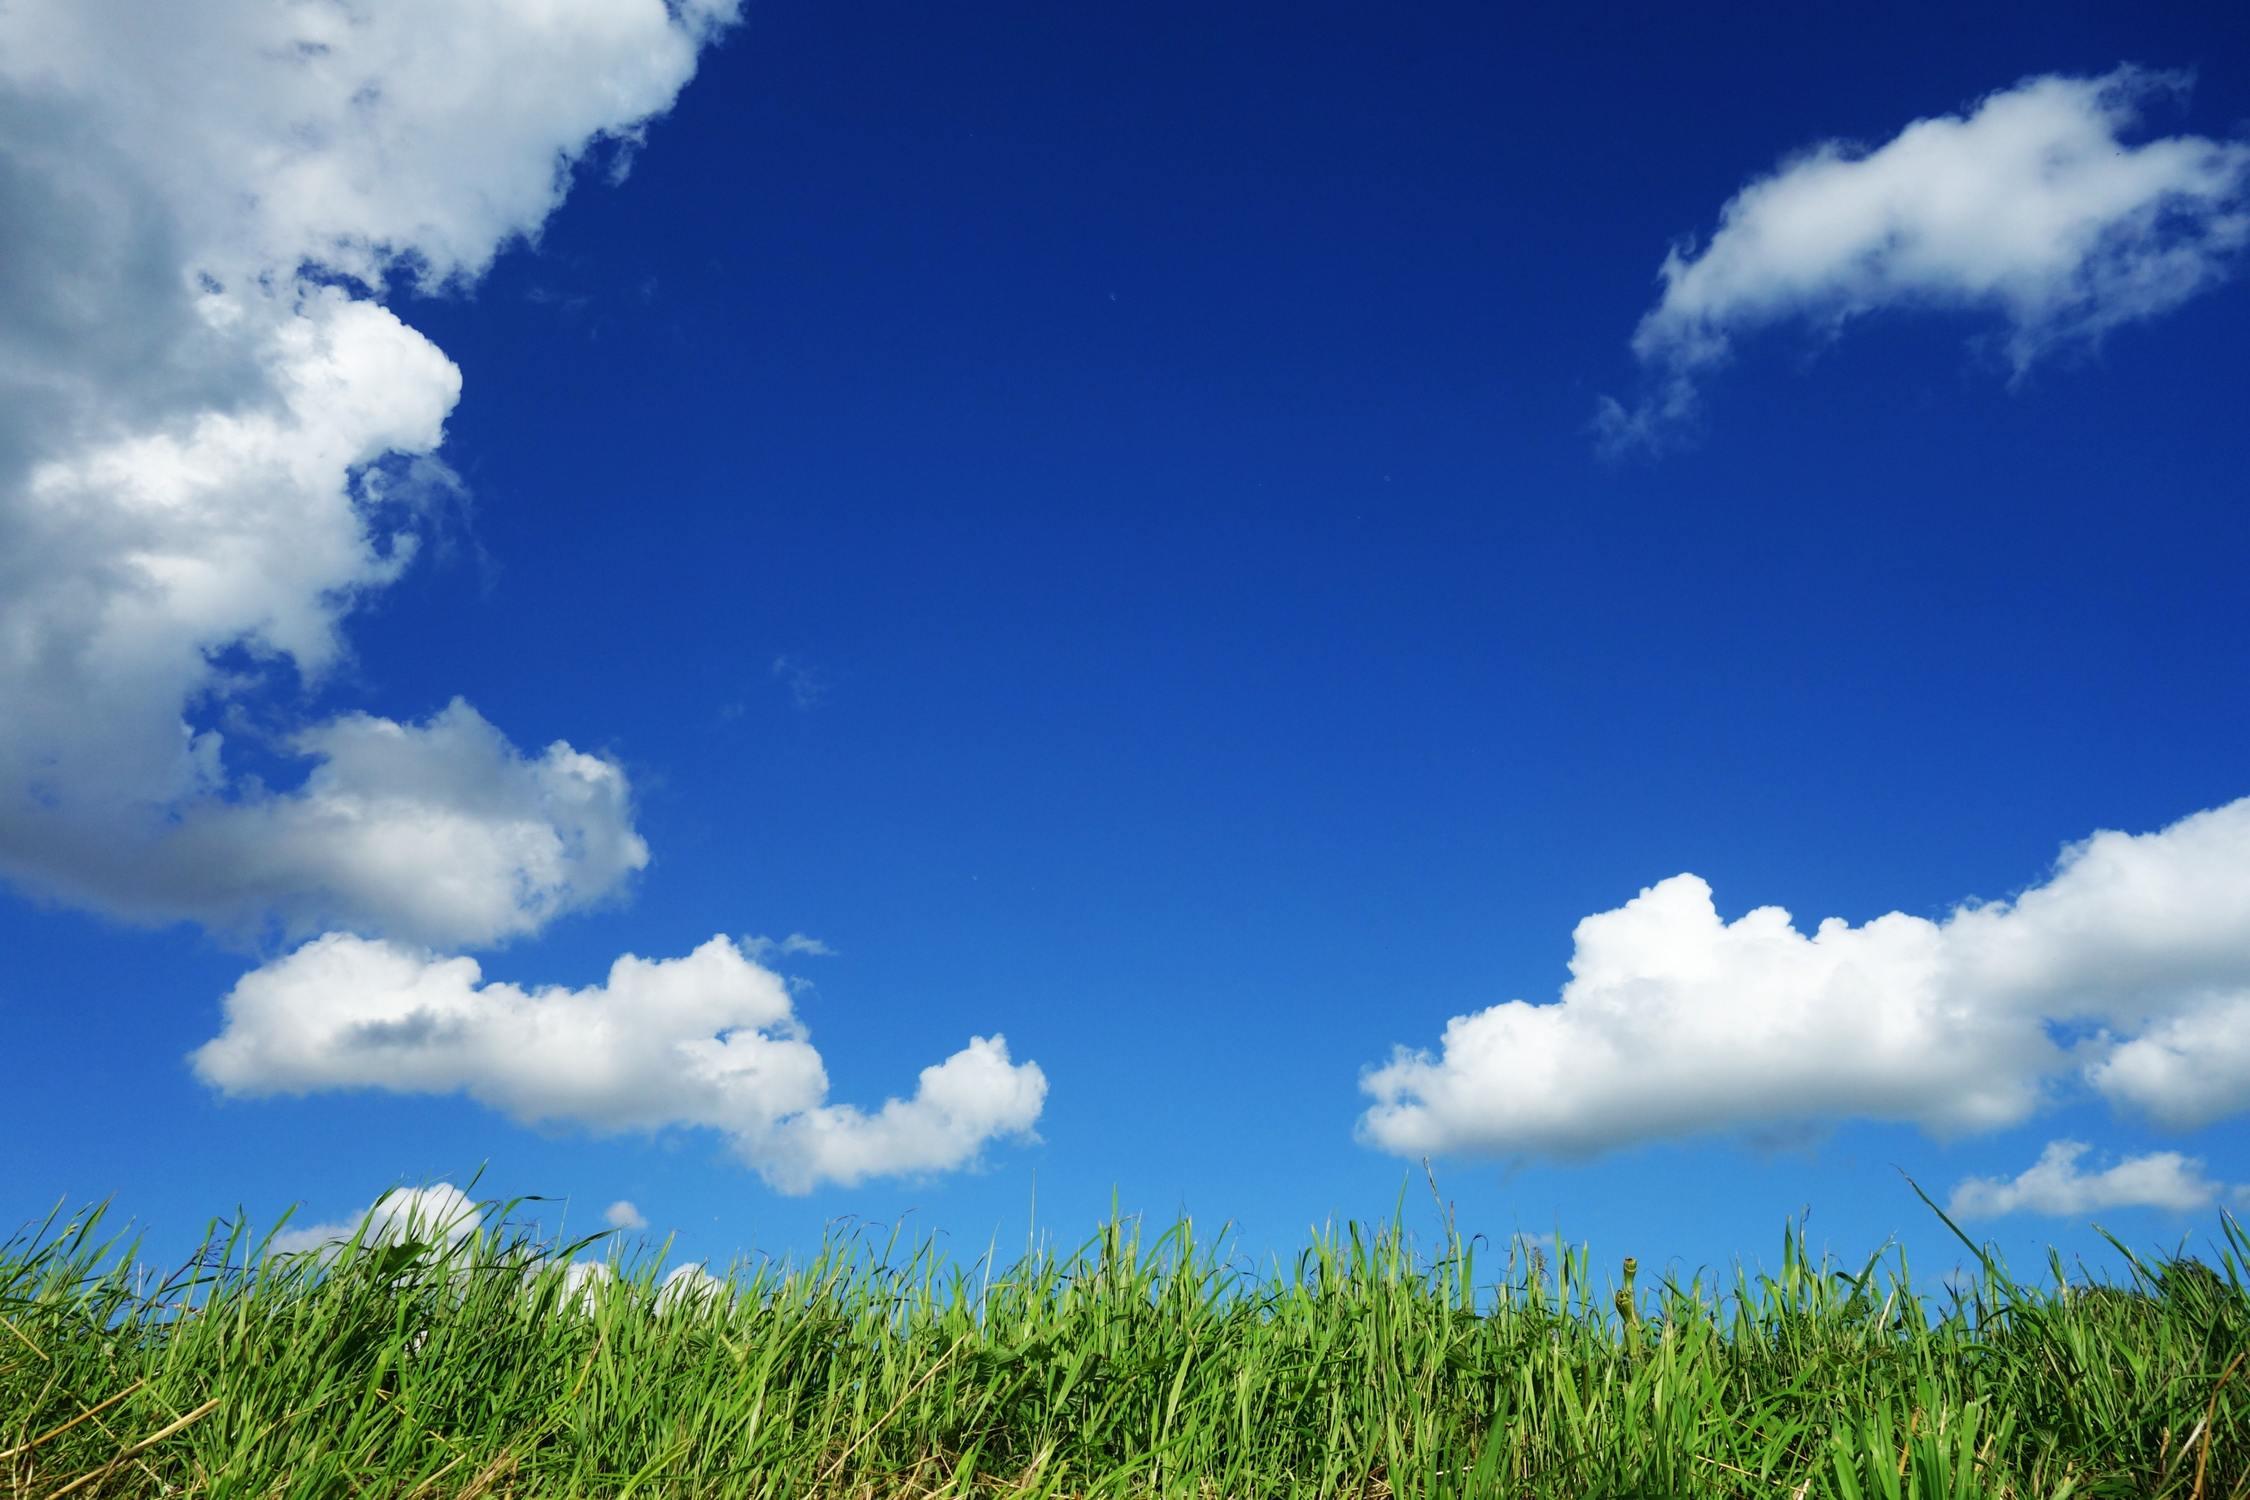 Hình ảnh bầu trời xanh và mây đẹp